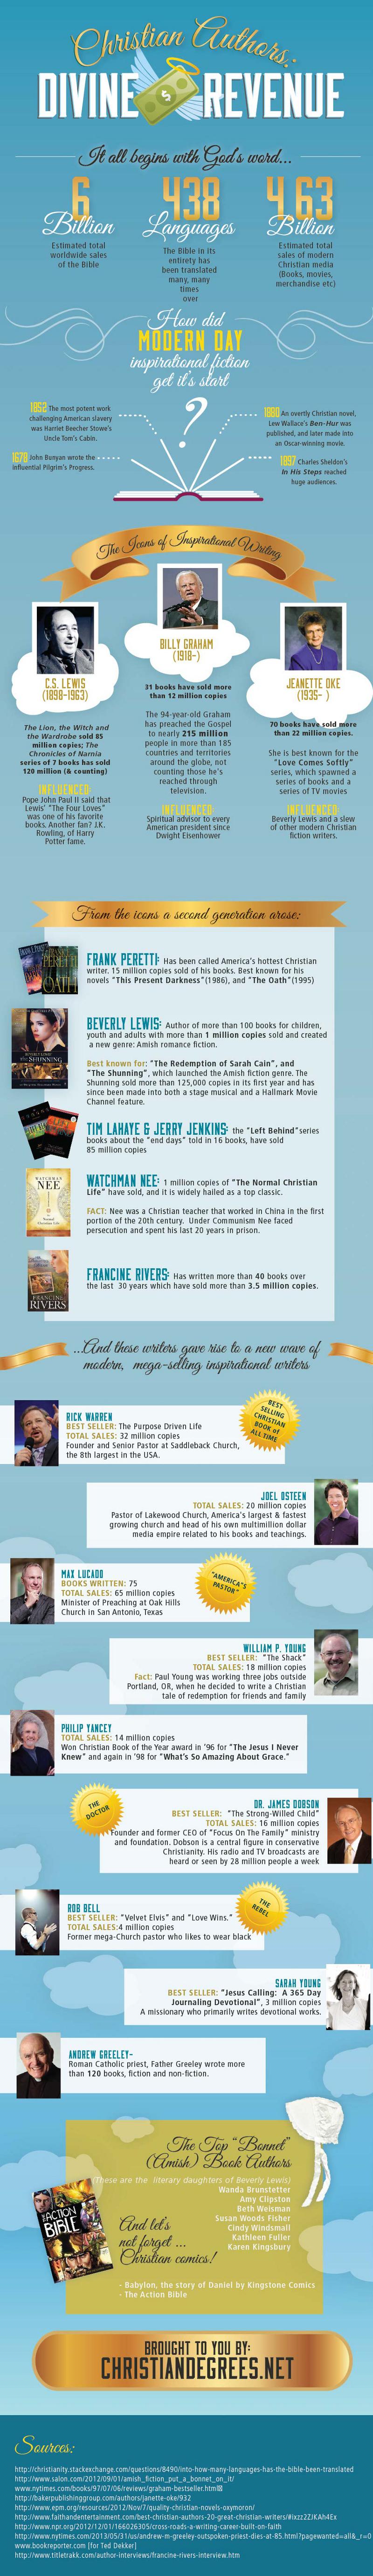 Bible Sales Worldwide